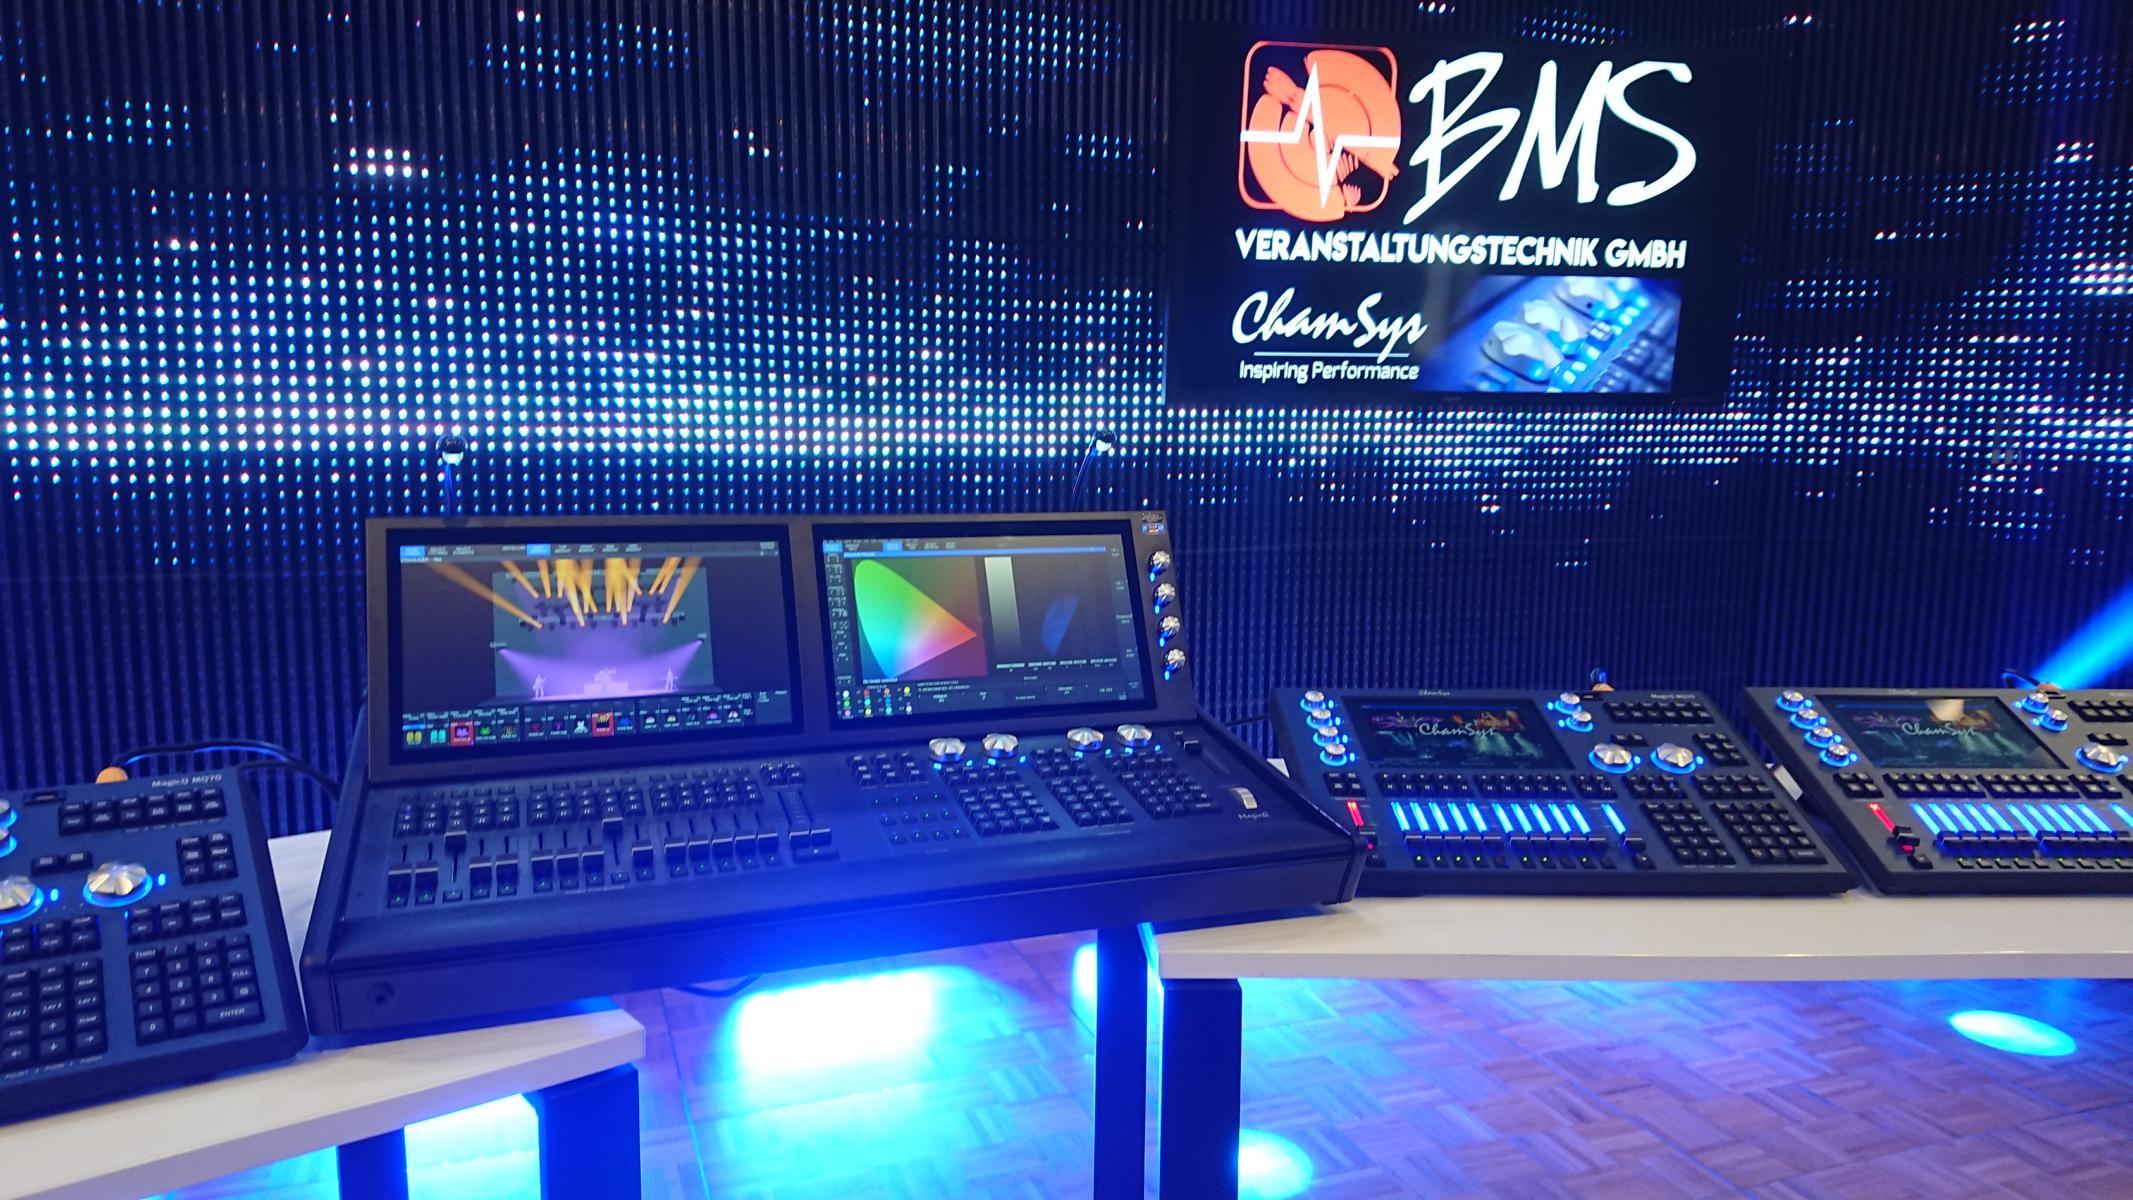 BMS Veranstaltungstechnik GmbH